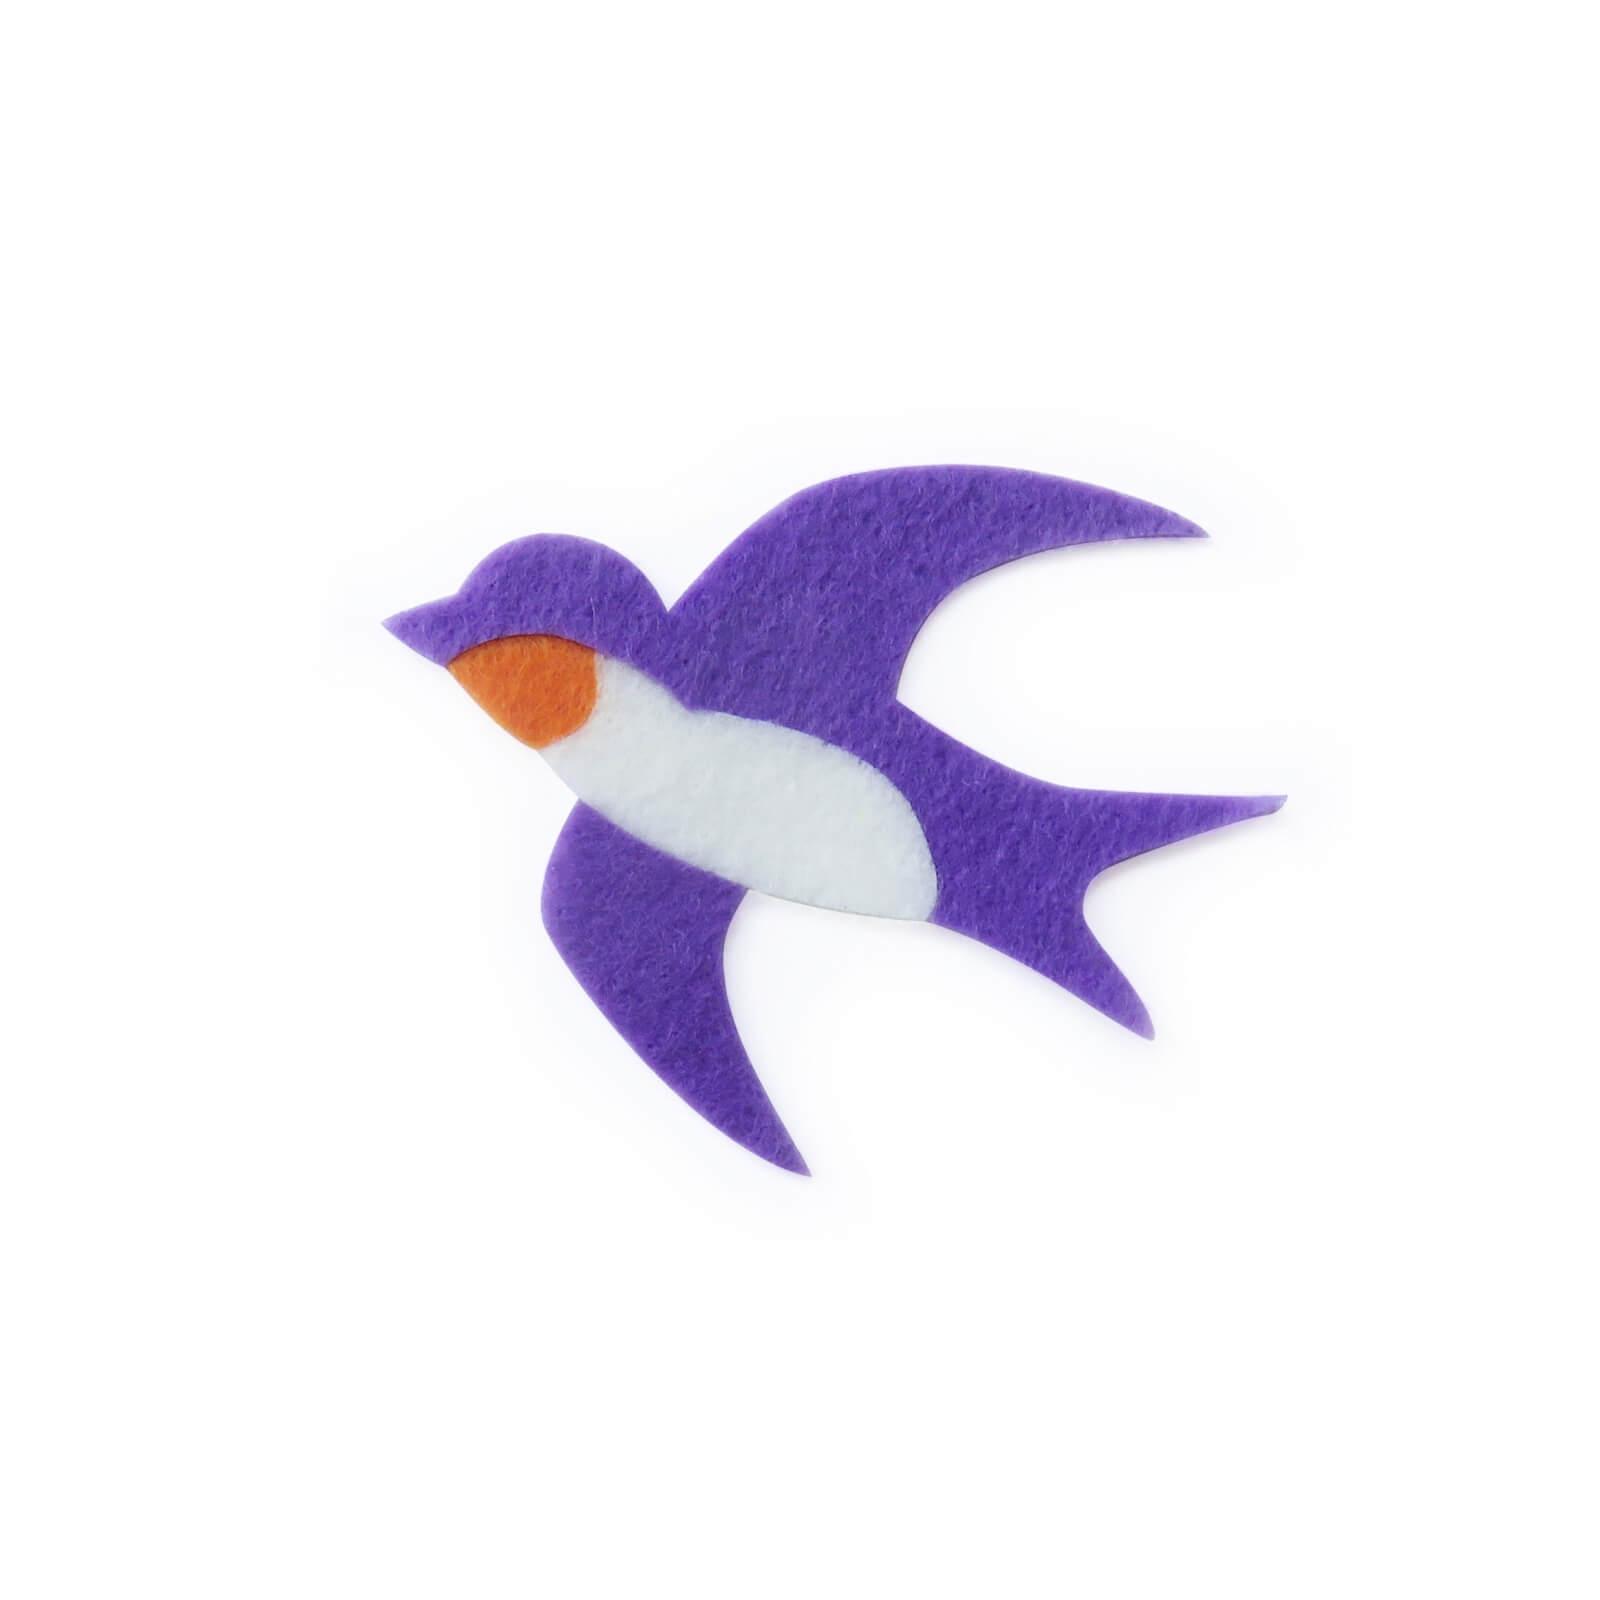 おしゃれなフェルトのツバメのアップリケ(ワッペン)